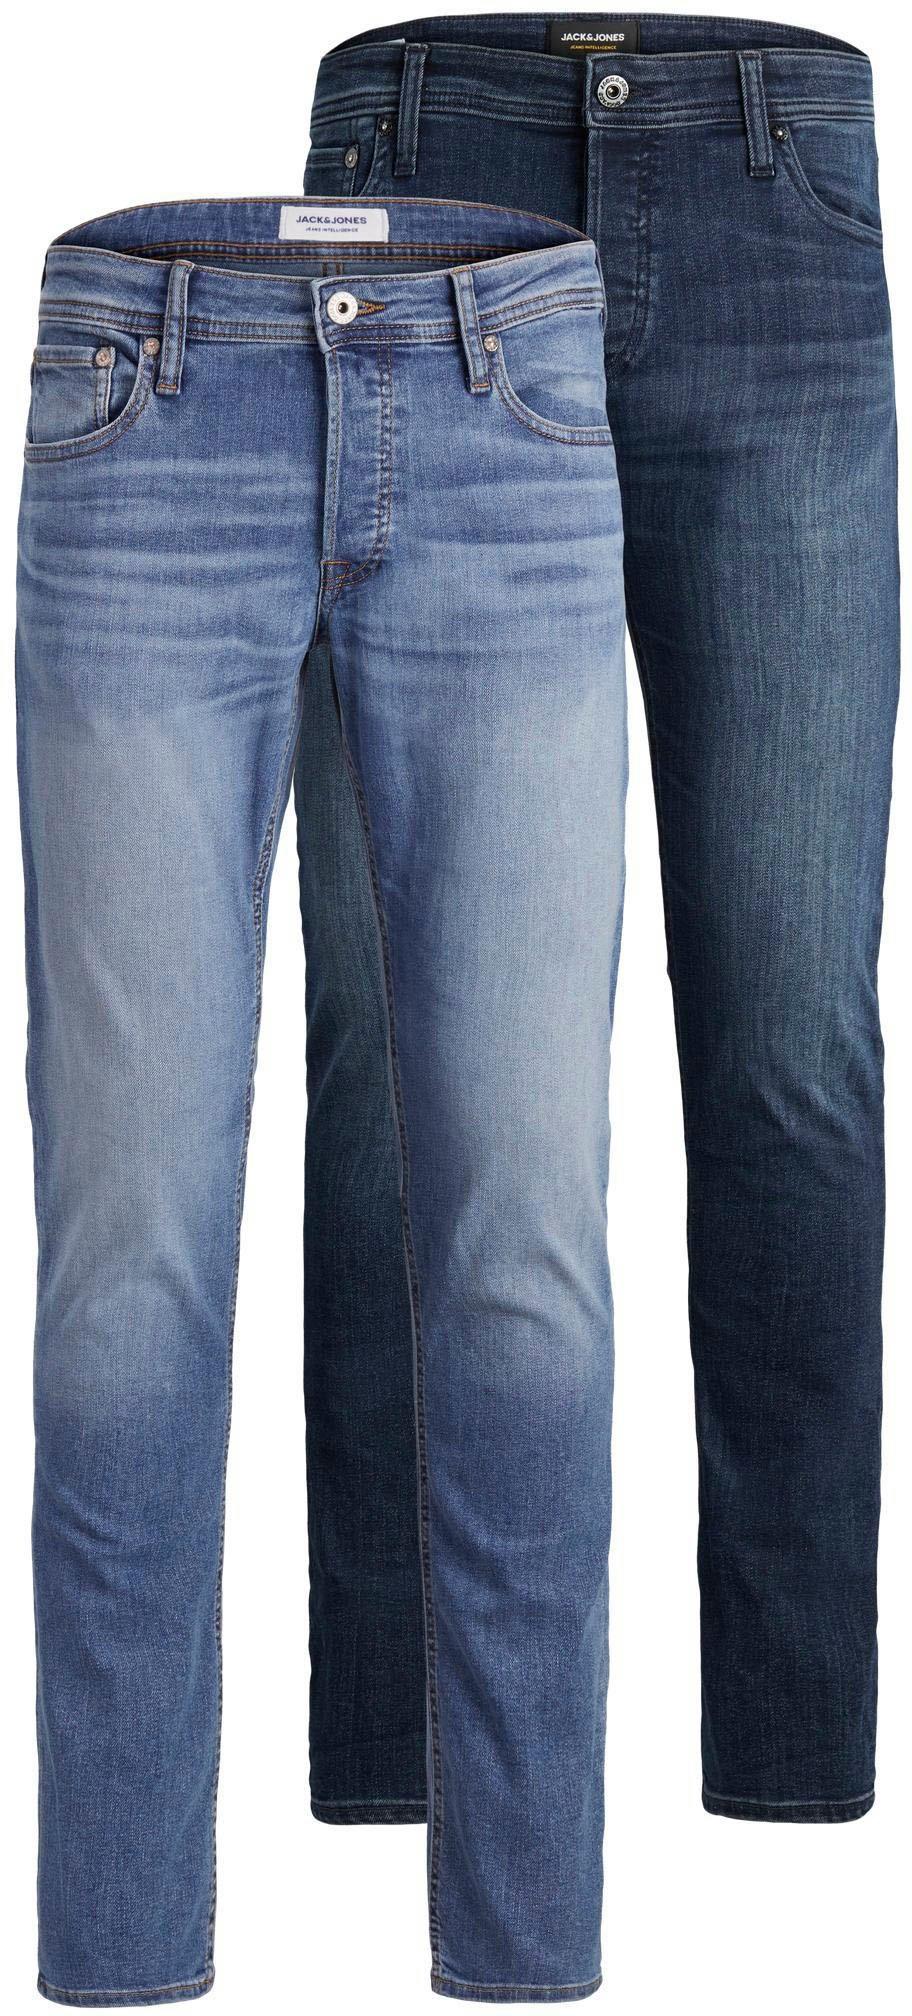 Jack & Jones slim fit jeans GLENN ORIGINAL set van 2 (set, 2-delig, Set van 2) bij OTTO online kopen